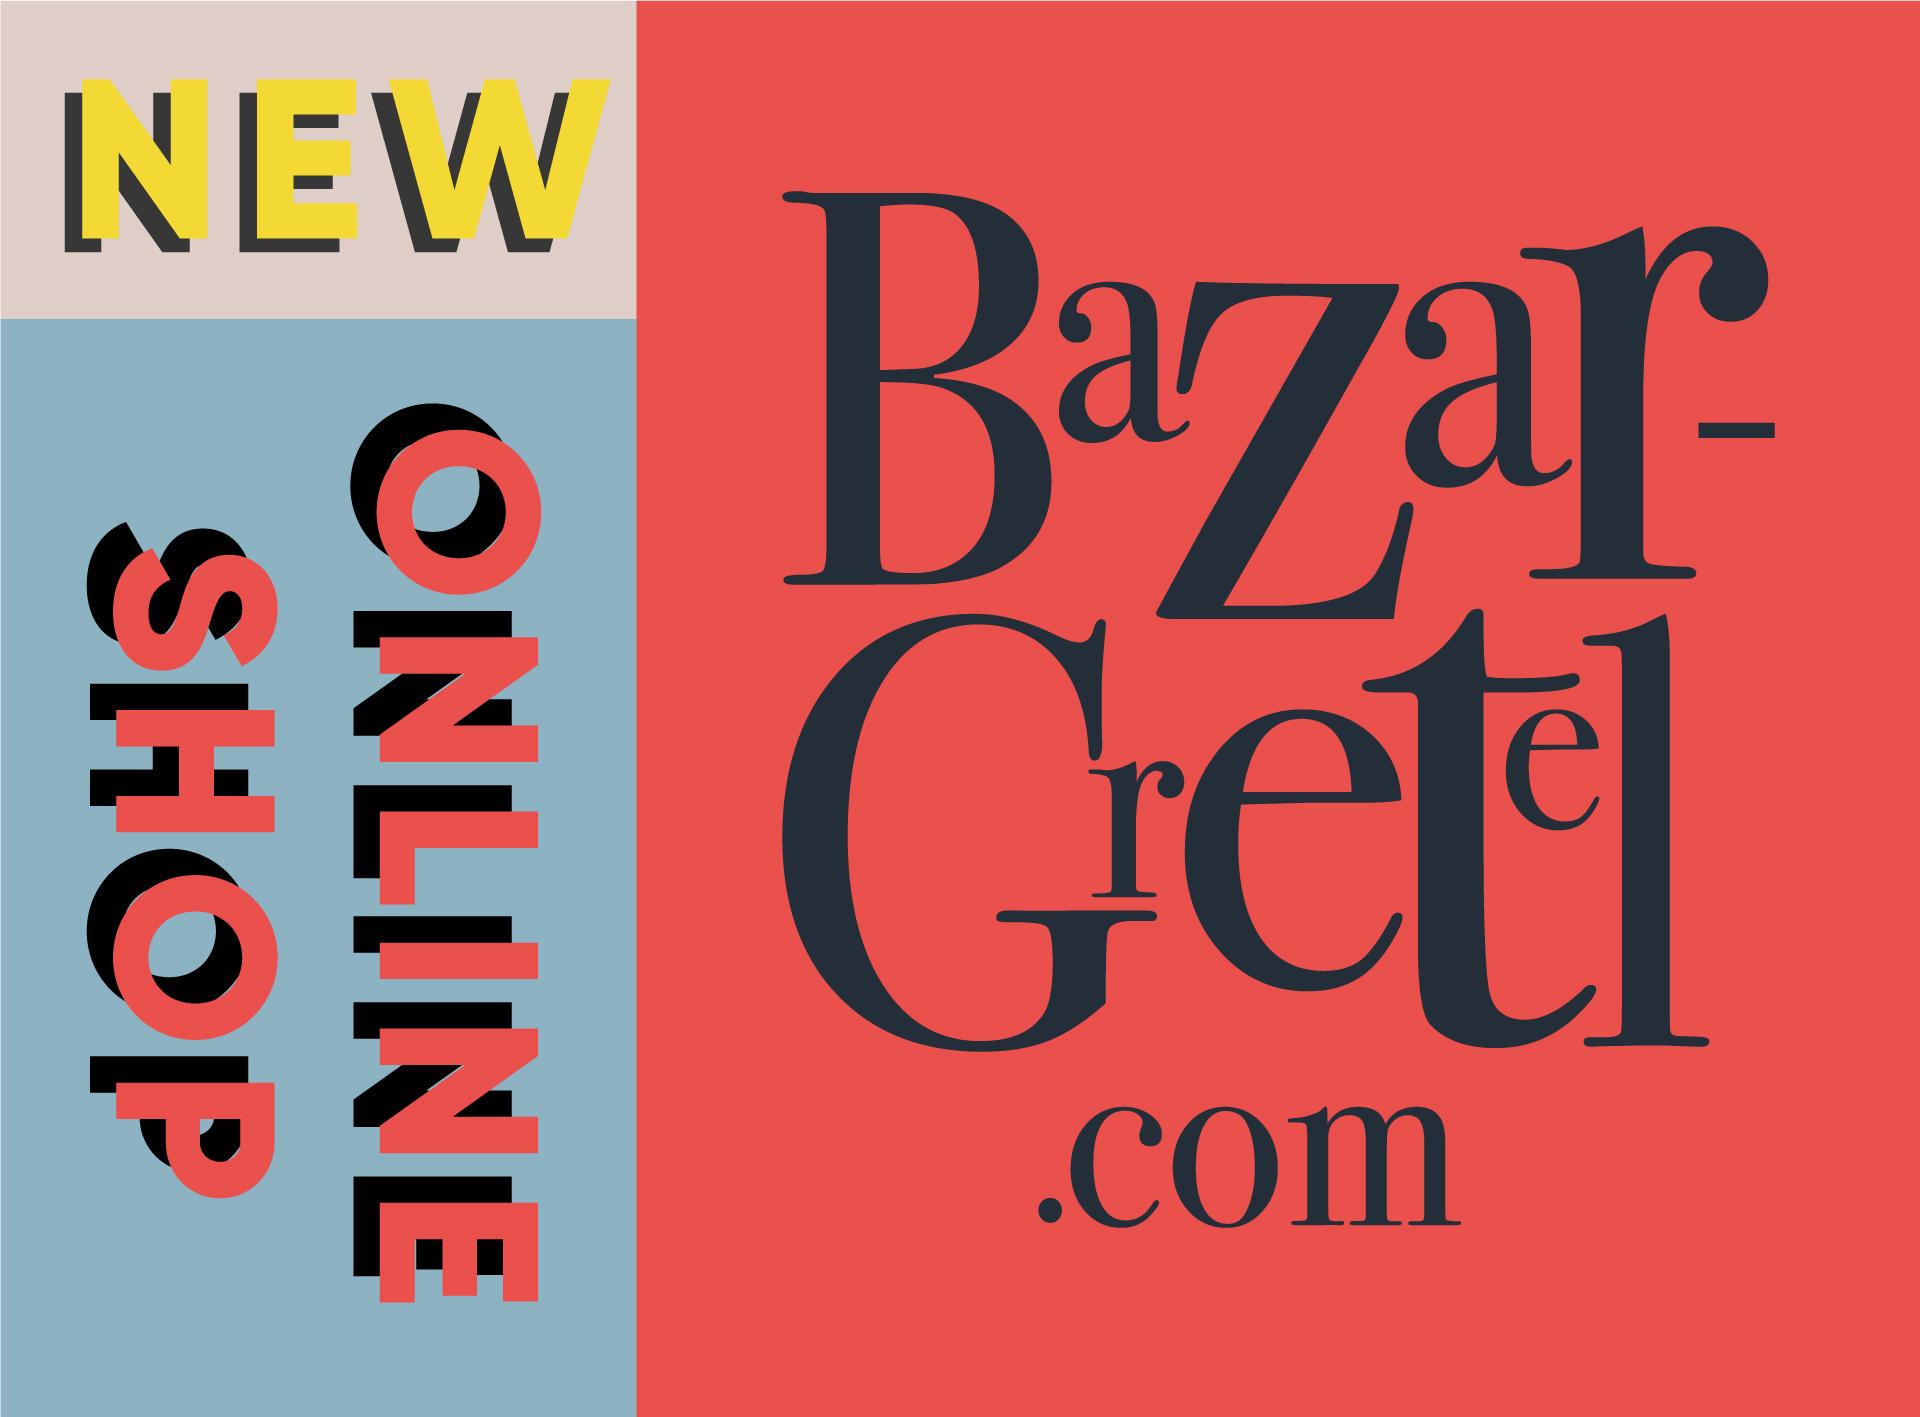 SG_Bazar-Gretel.com